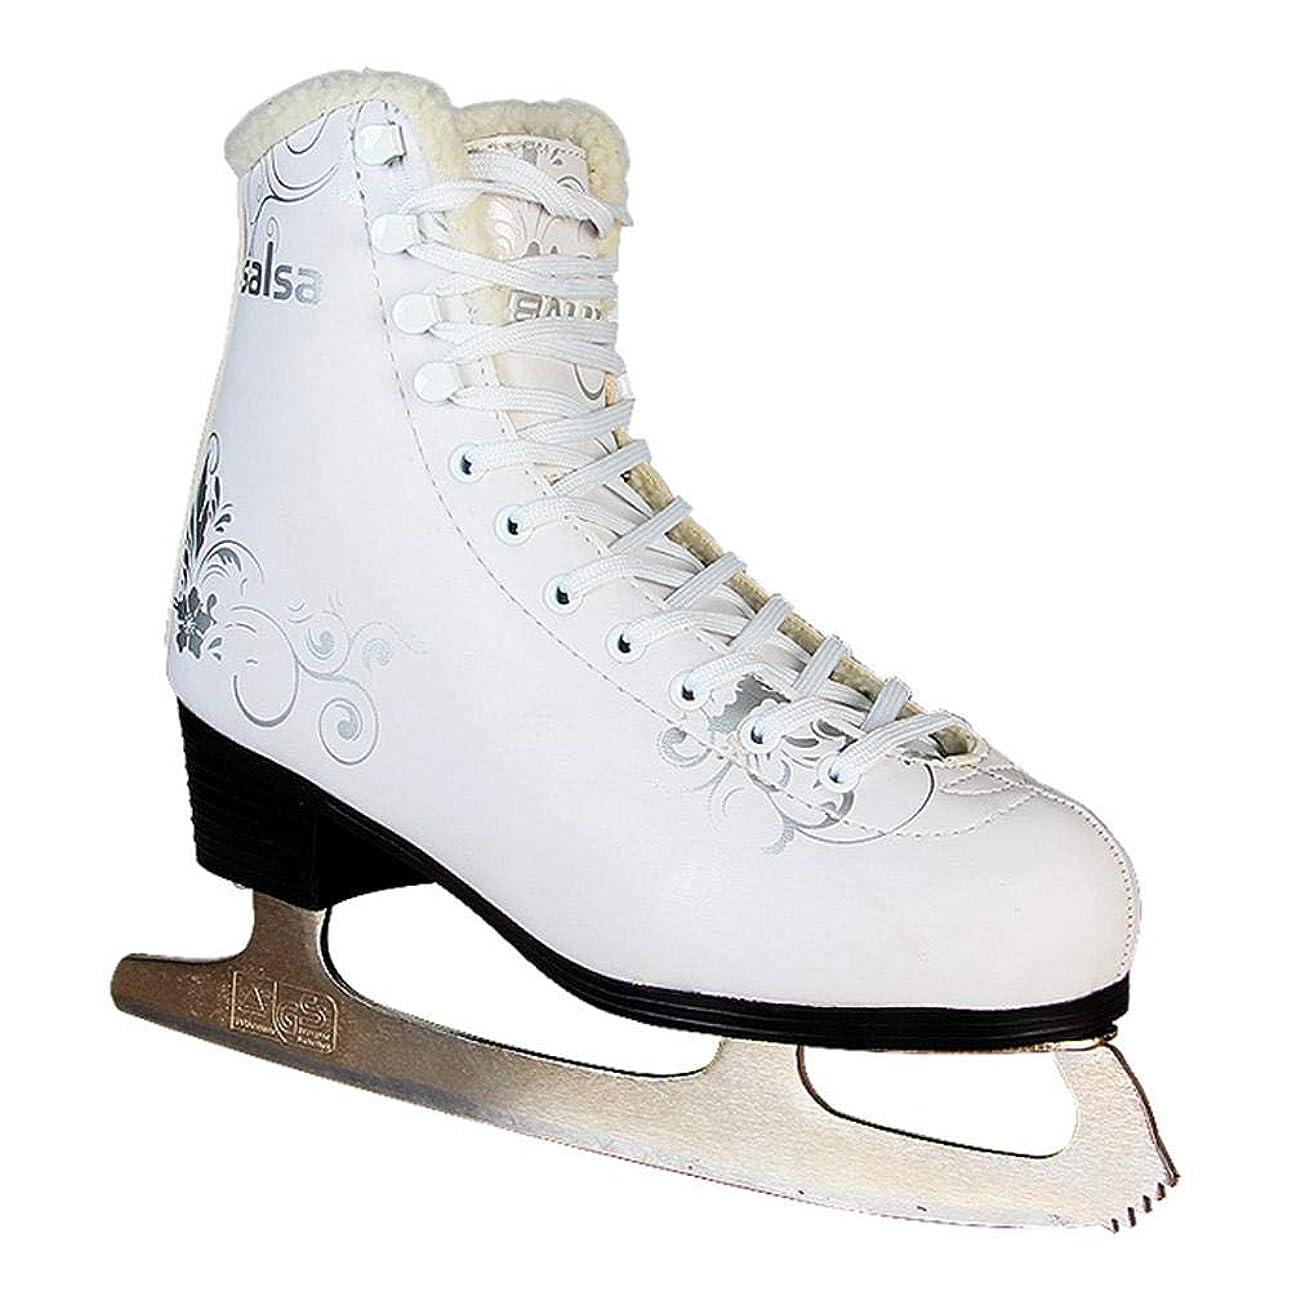 利得宙返り実験スケート フィギュアスケート シューズ キッズ?レディー?メンズサイズ アイススケート シンプル エレガントなデザインのスケートシューズ フィギュアスケートシューズ